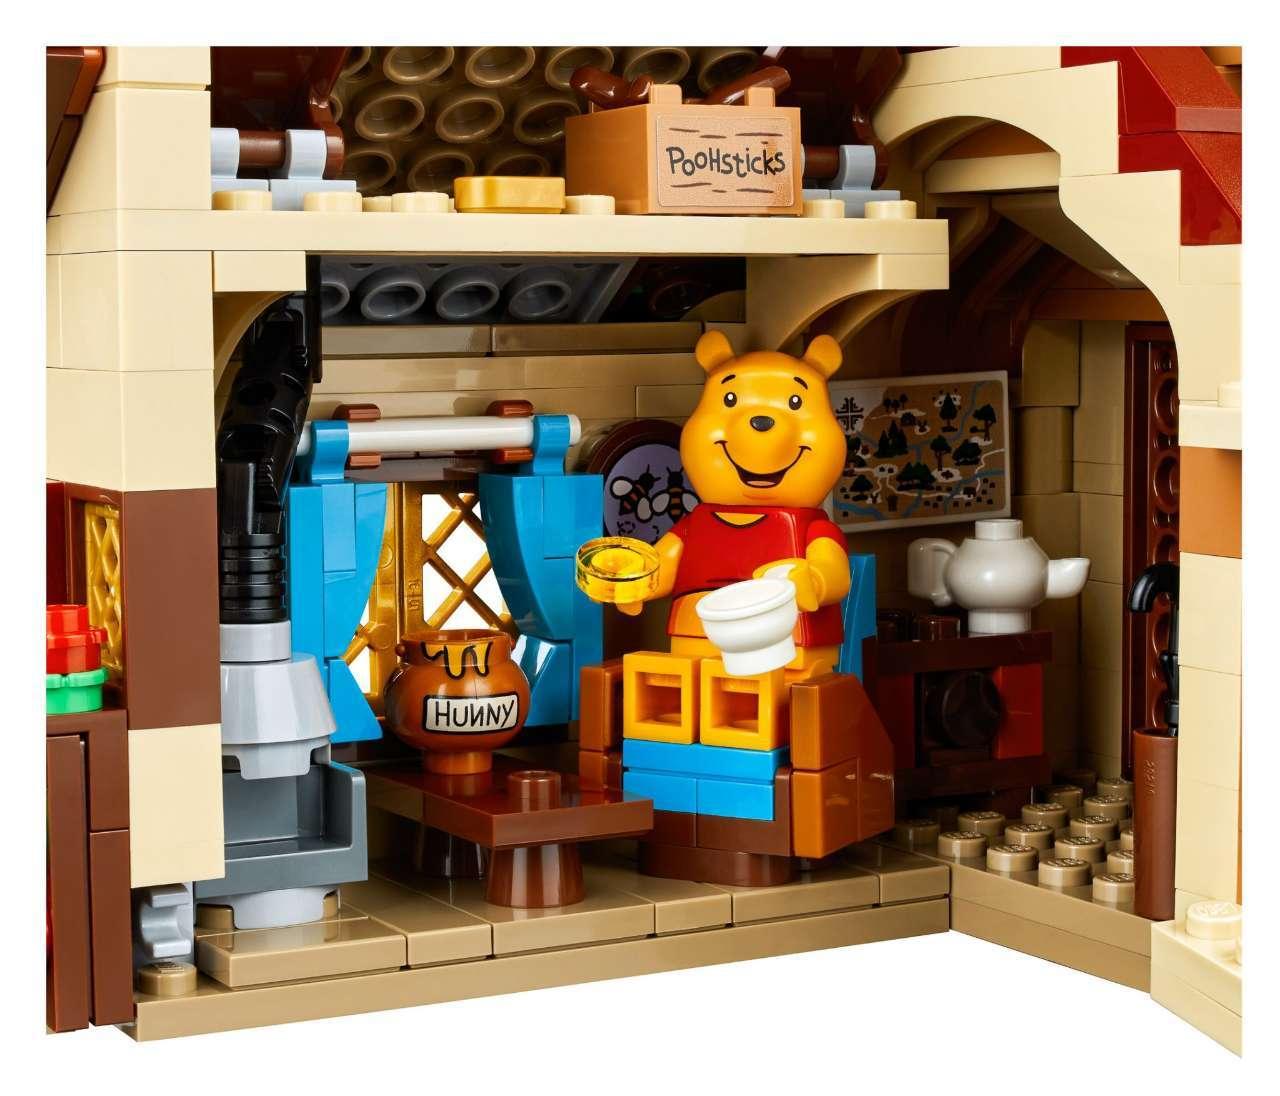 lego-ideas-winnie-the-pooh-3-2